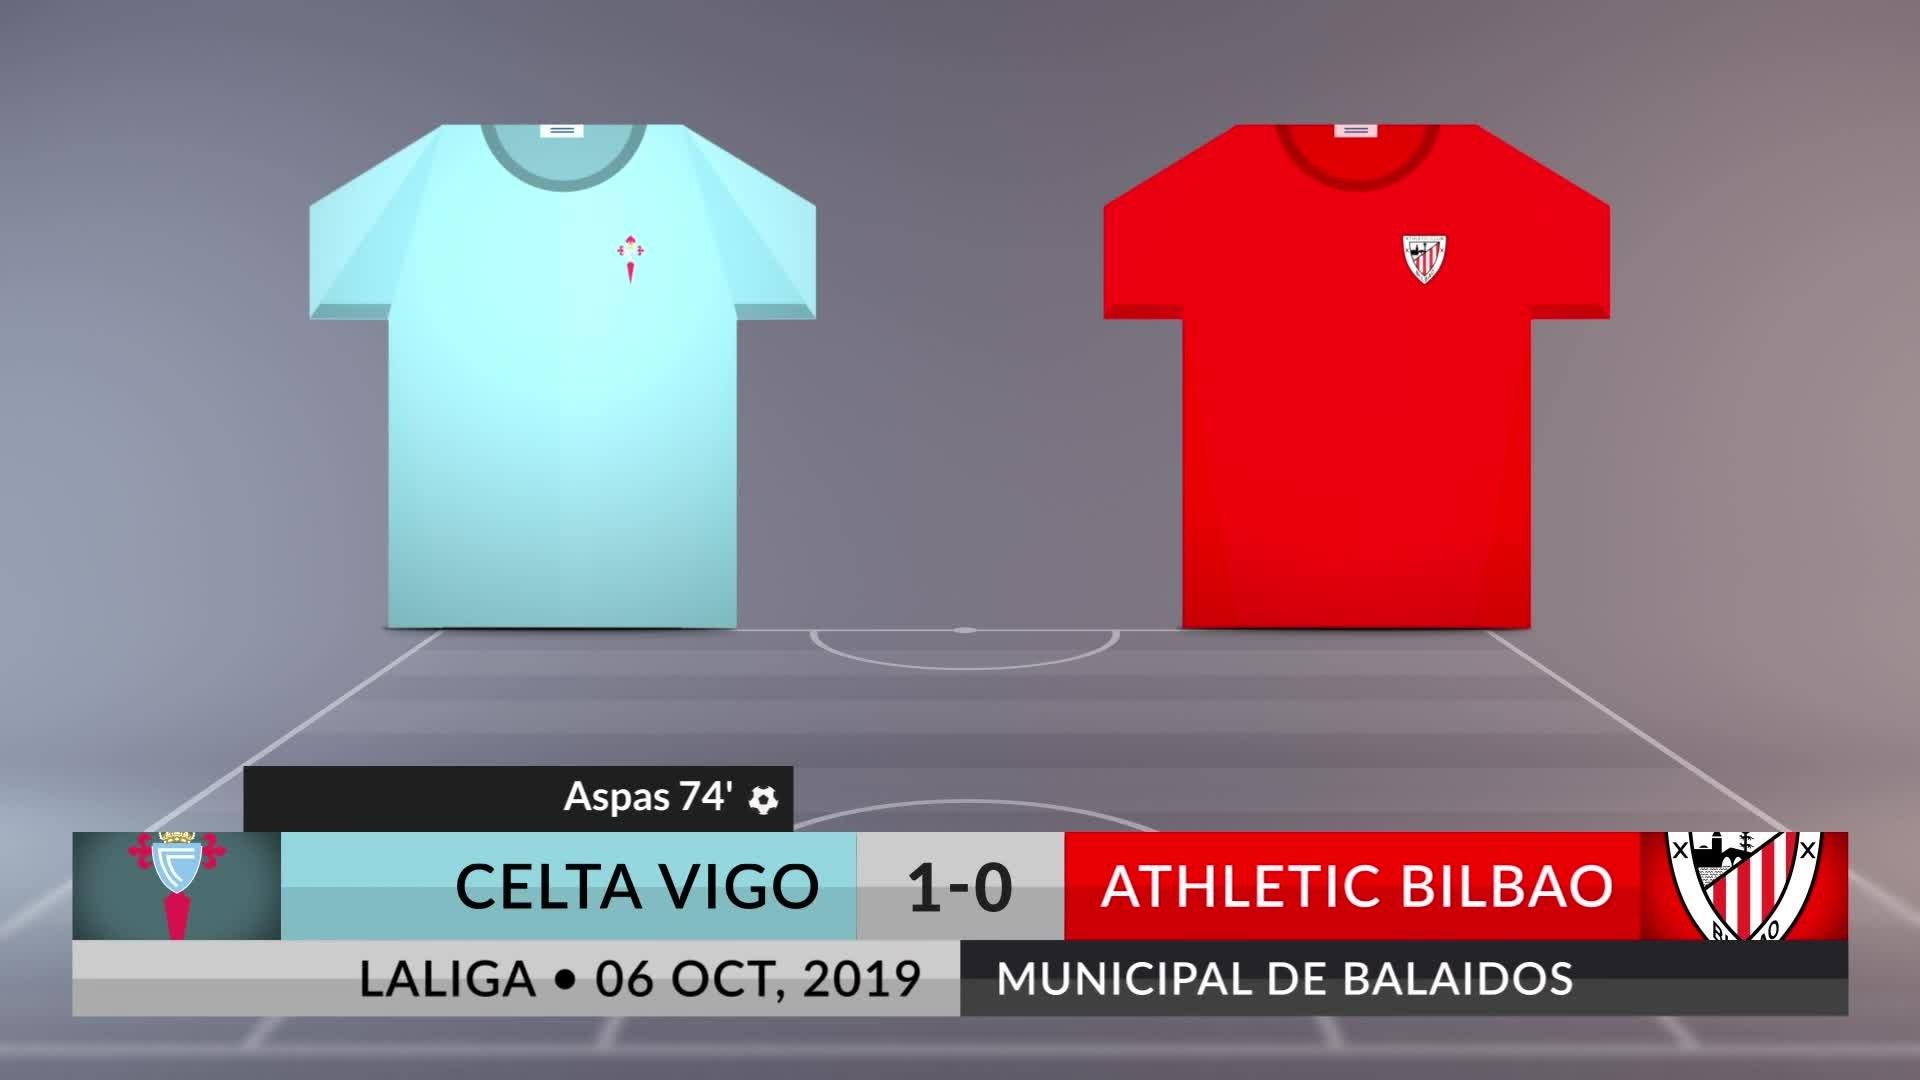 Match Review: Celta Vigo vs Athletic Bilbao on 06/10/2019